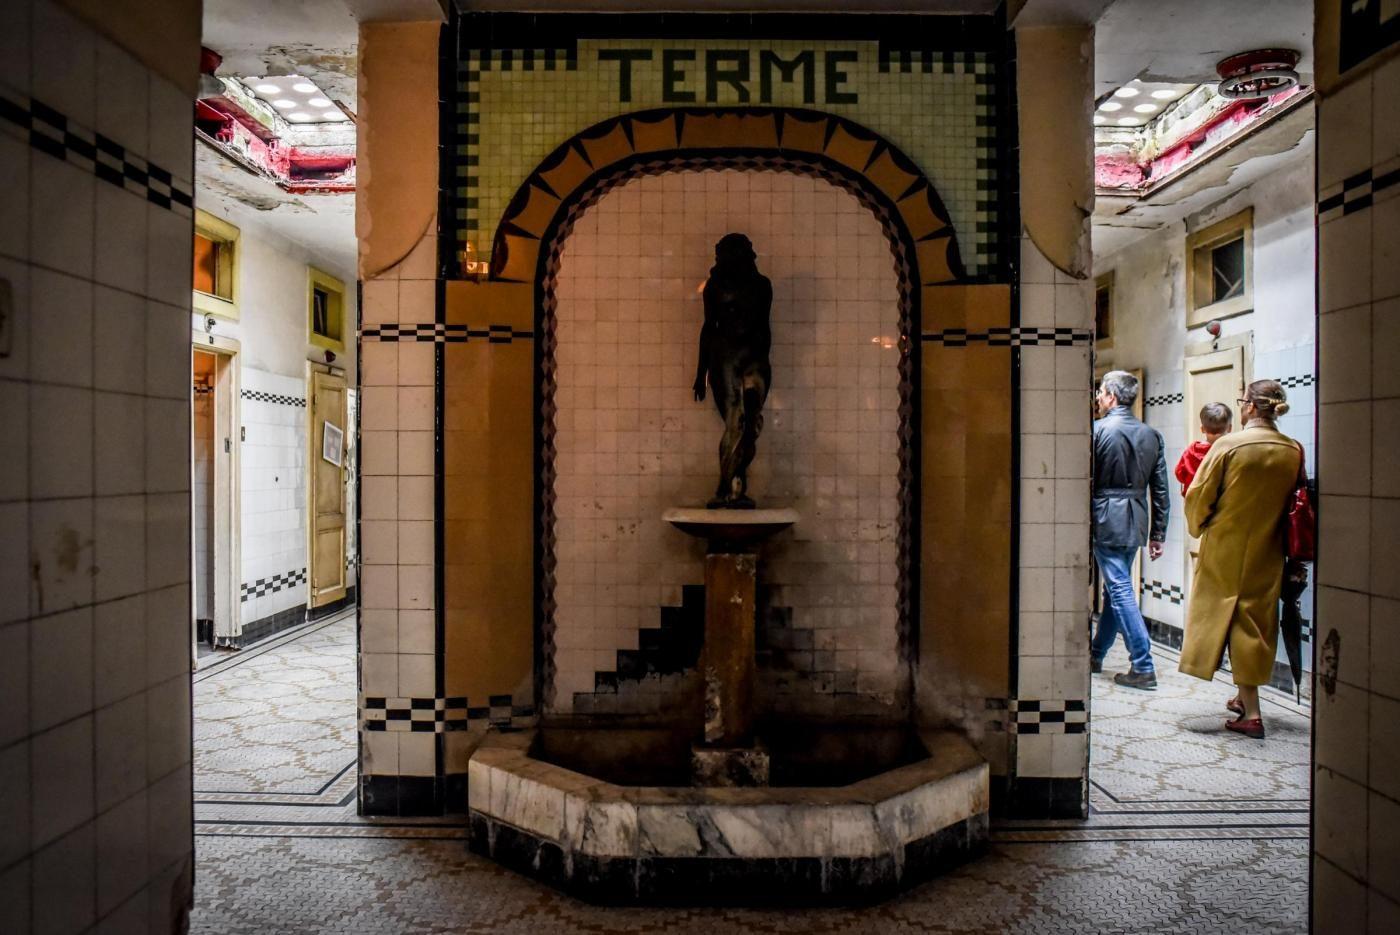 Alberghi diurni i bagni pubblici dimenticati pi belli d for Negozi di bagni